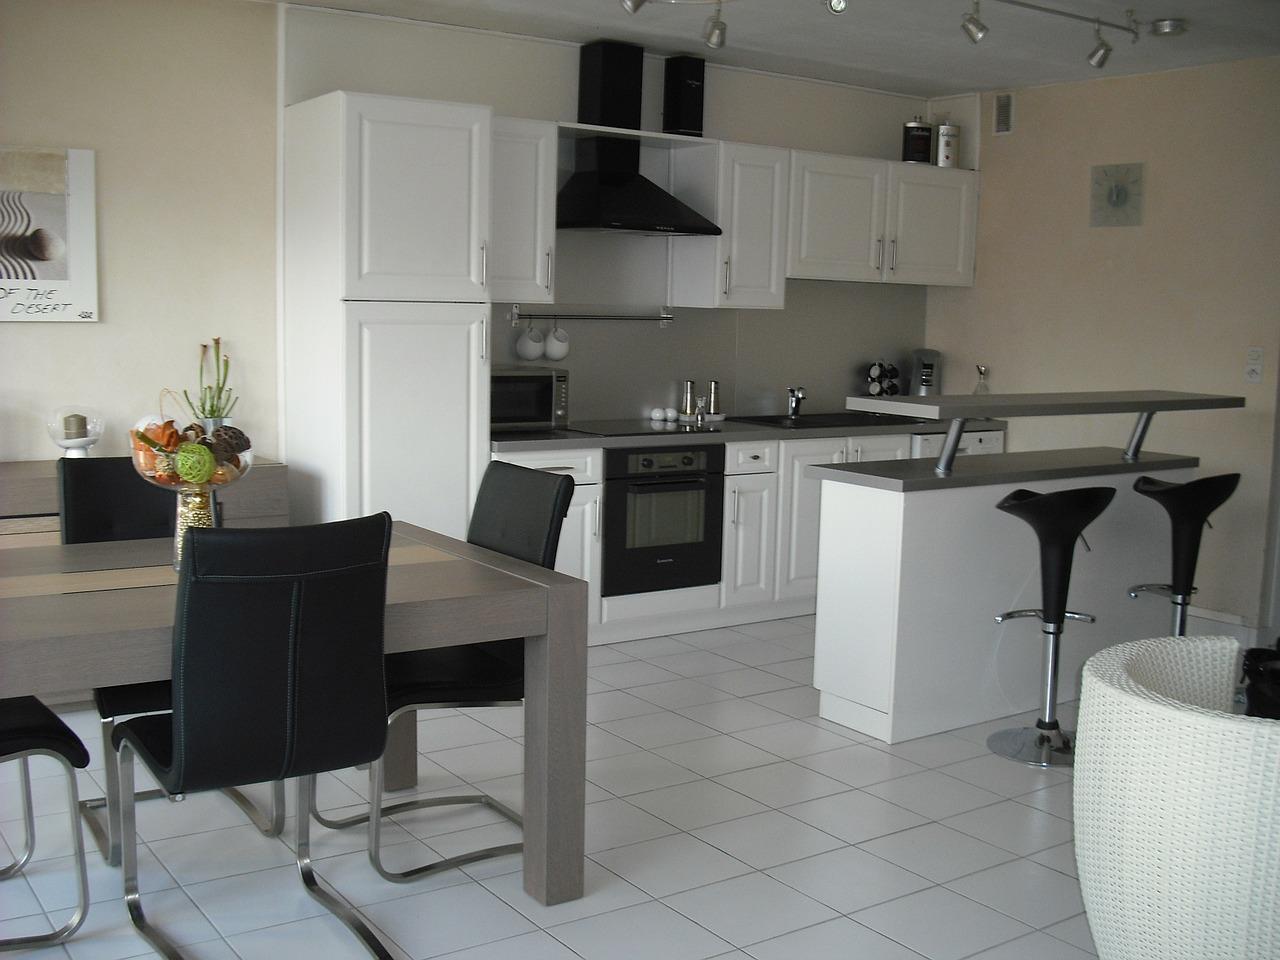 interior-furniture-172705_1280